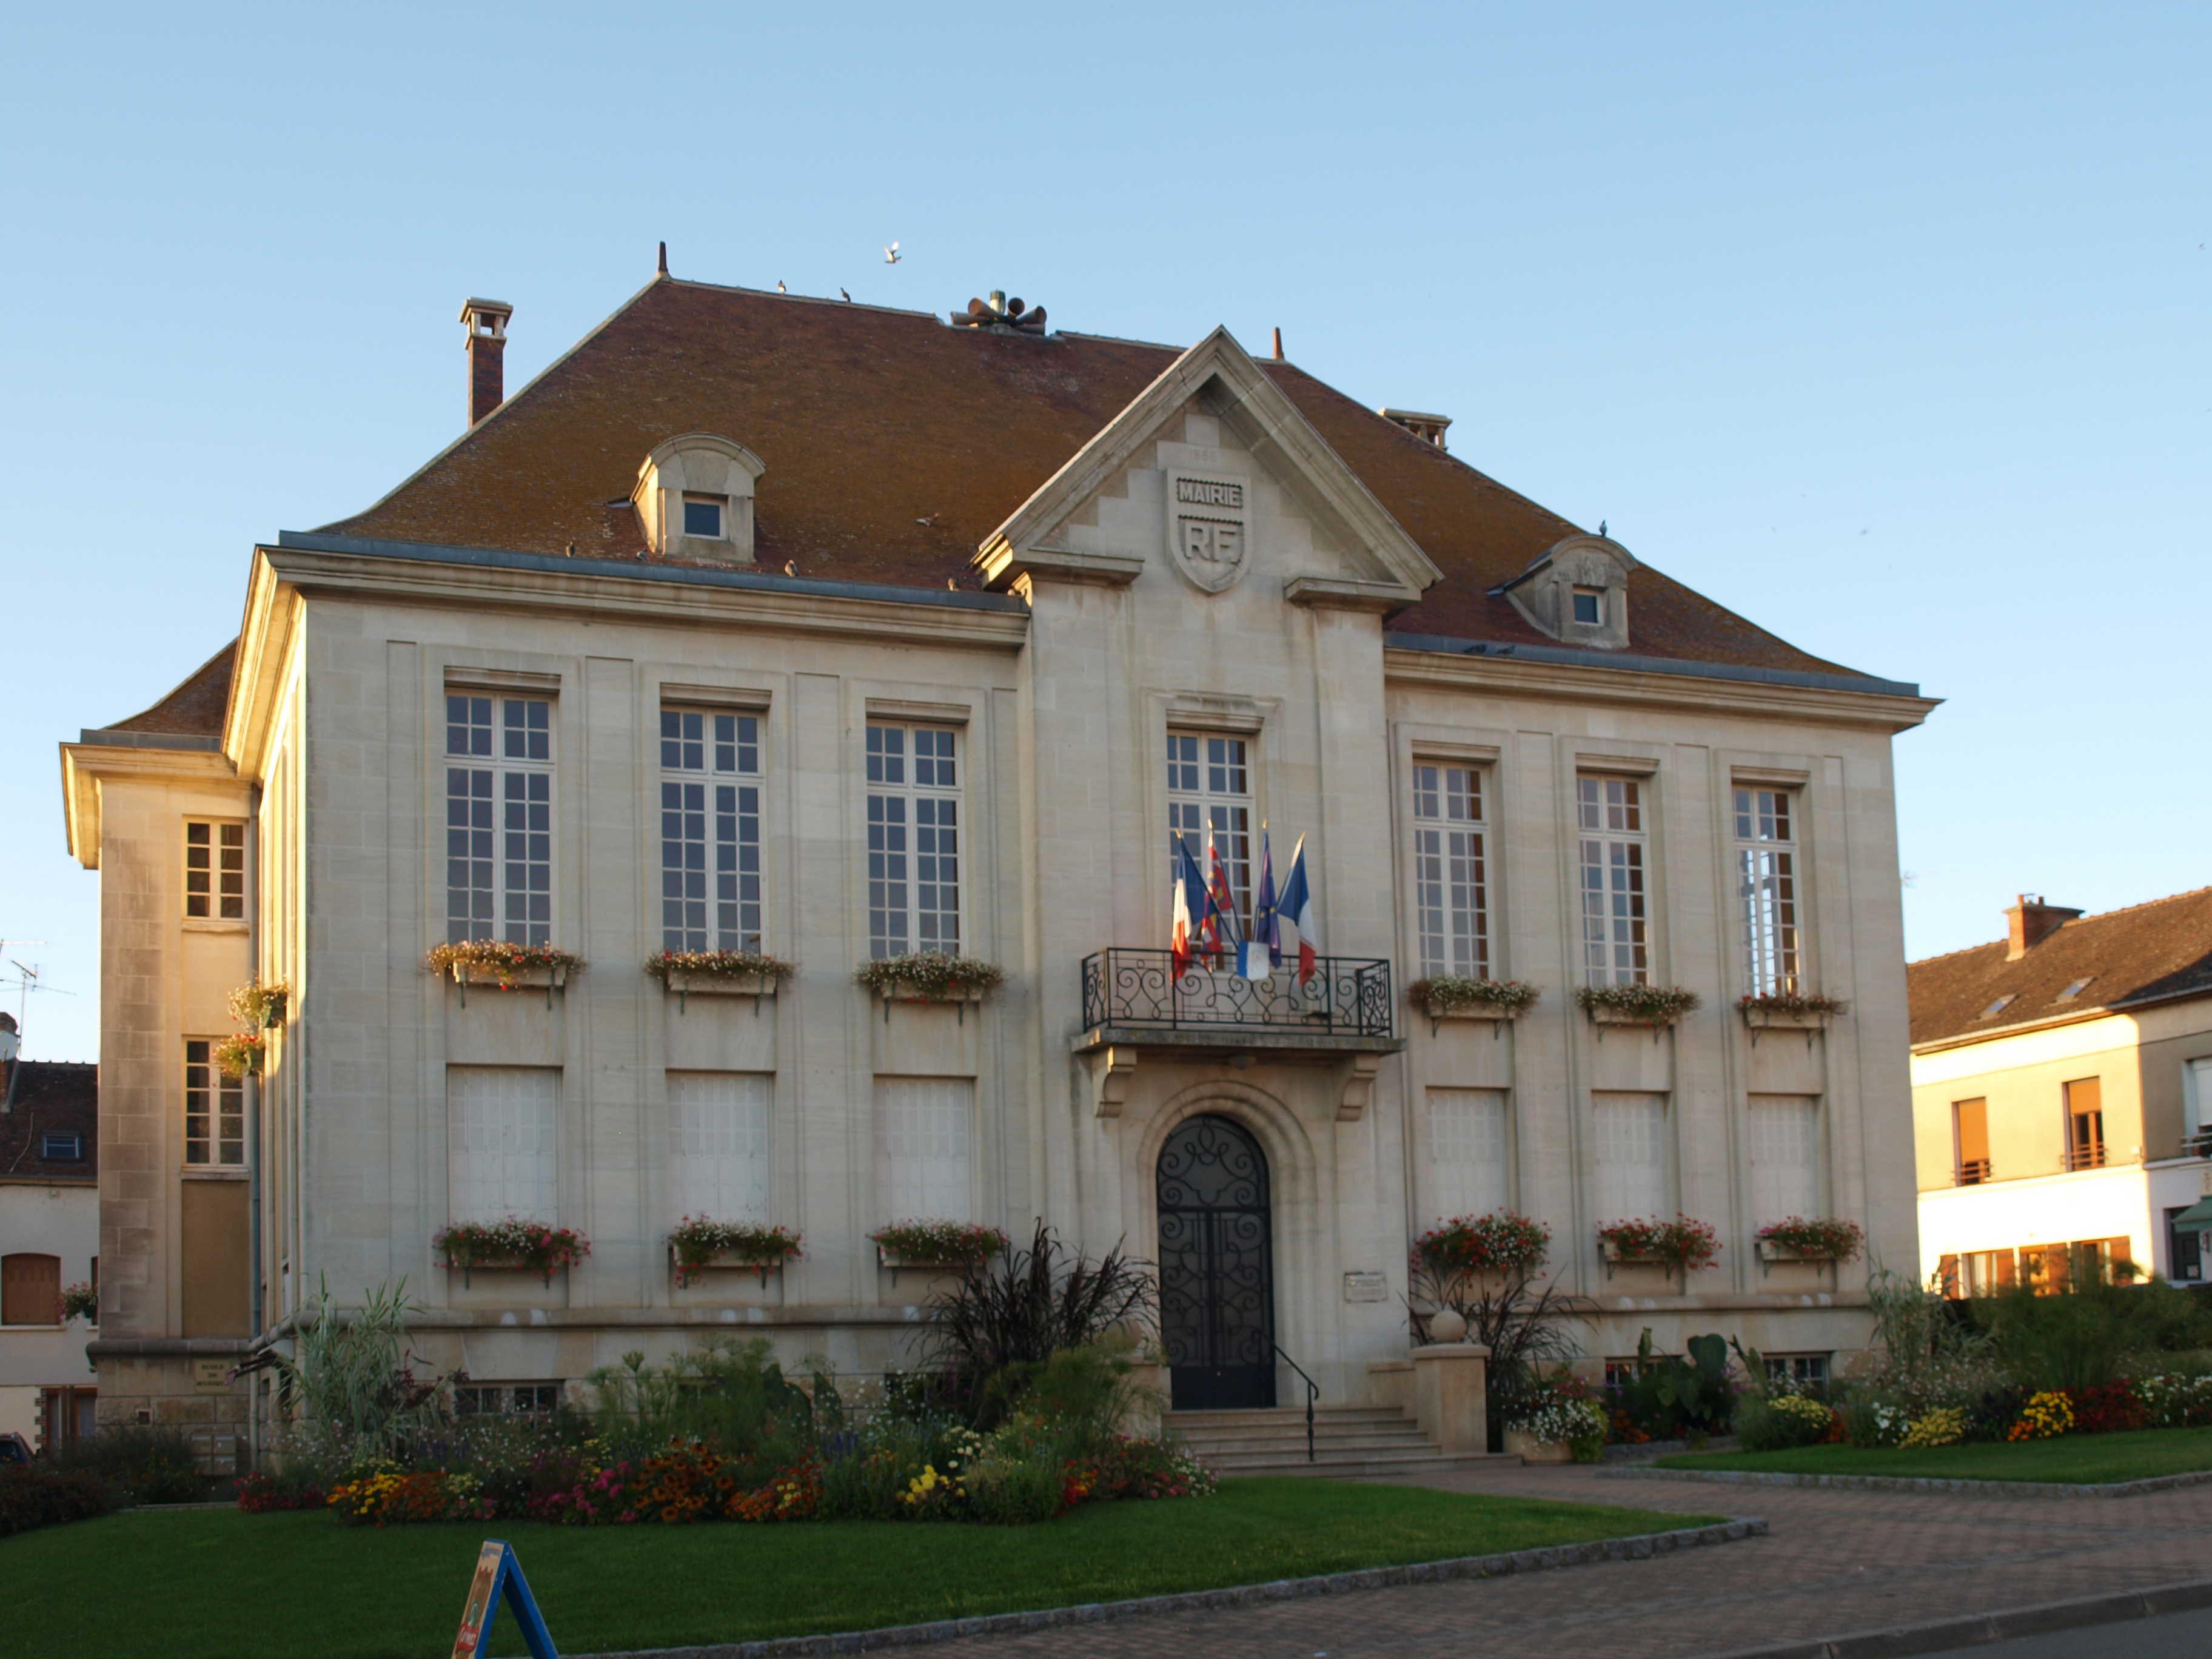 Aillant-sur-Tholon